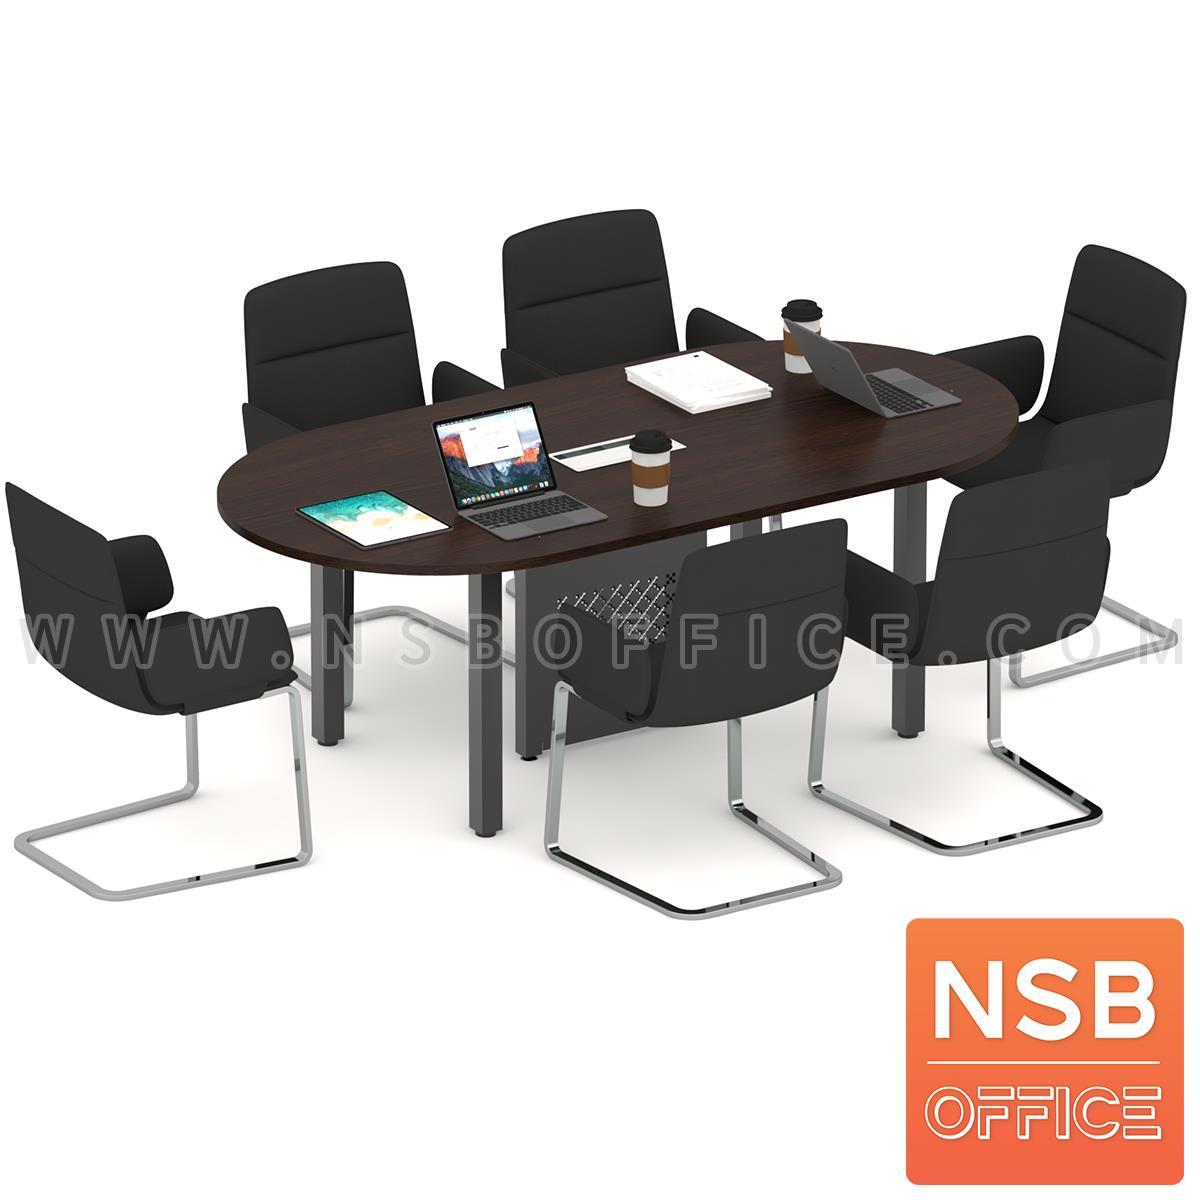 โต๊ะประชุมทรงวงรี  ขนาด 200W ,240W cm.  พร้อมกล่องนำสายไฟตรงกลาง ขาเหล็กเหลี่ยมสีขาว